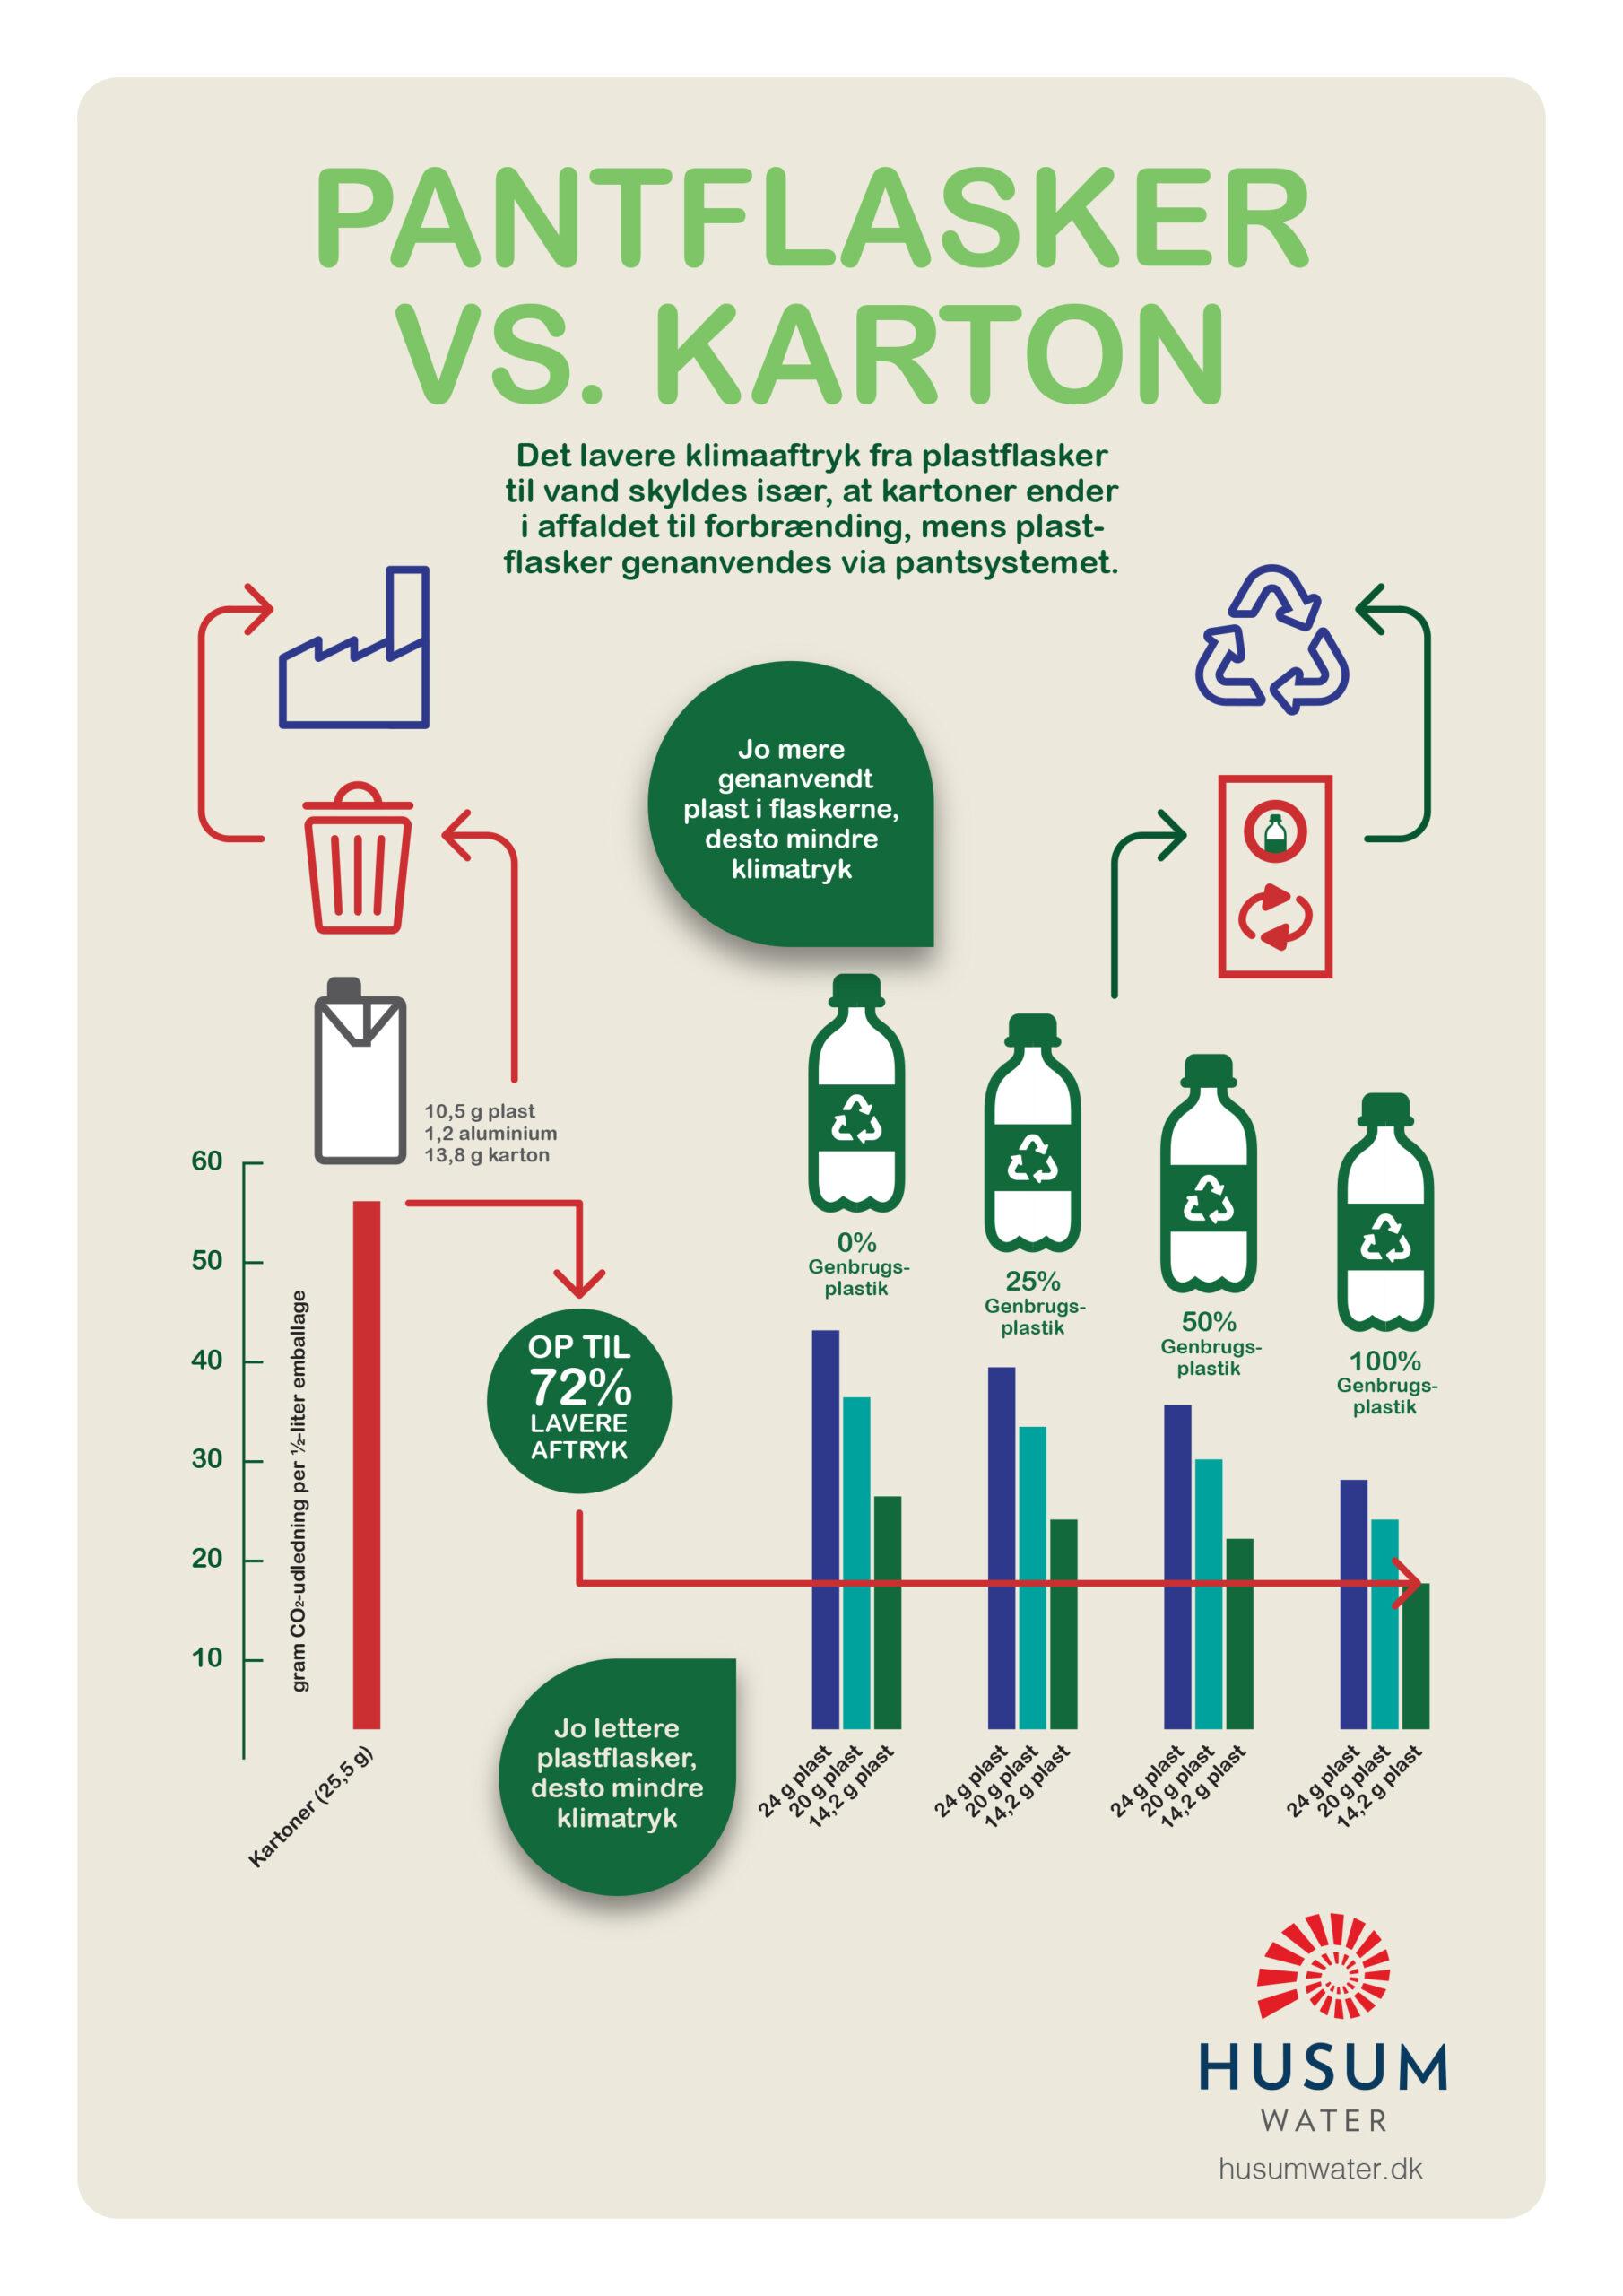 Plastflasker vs. Karton